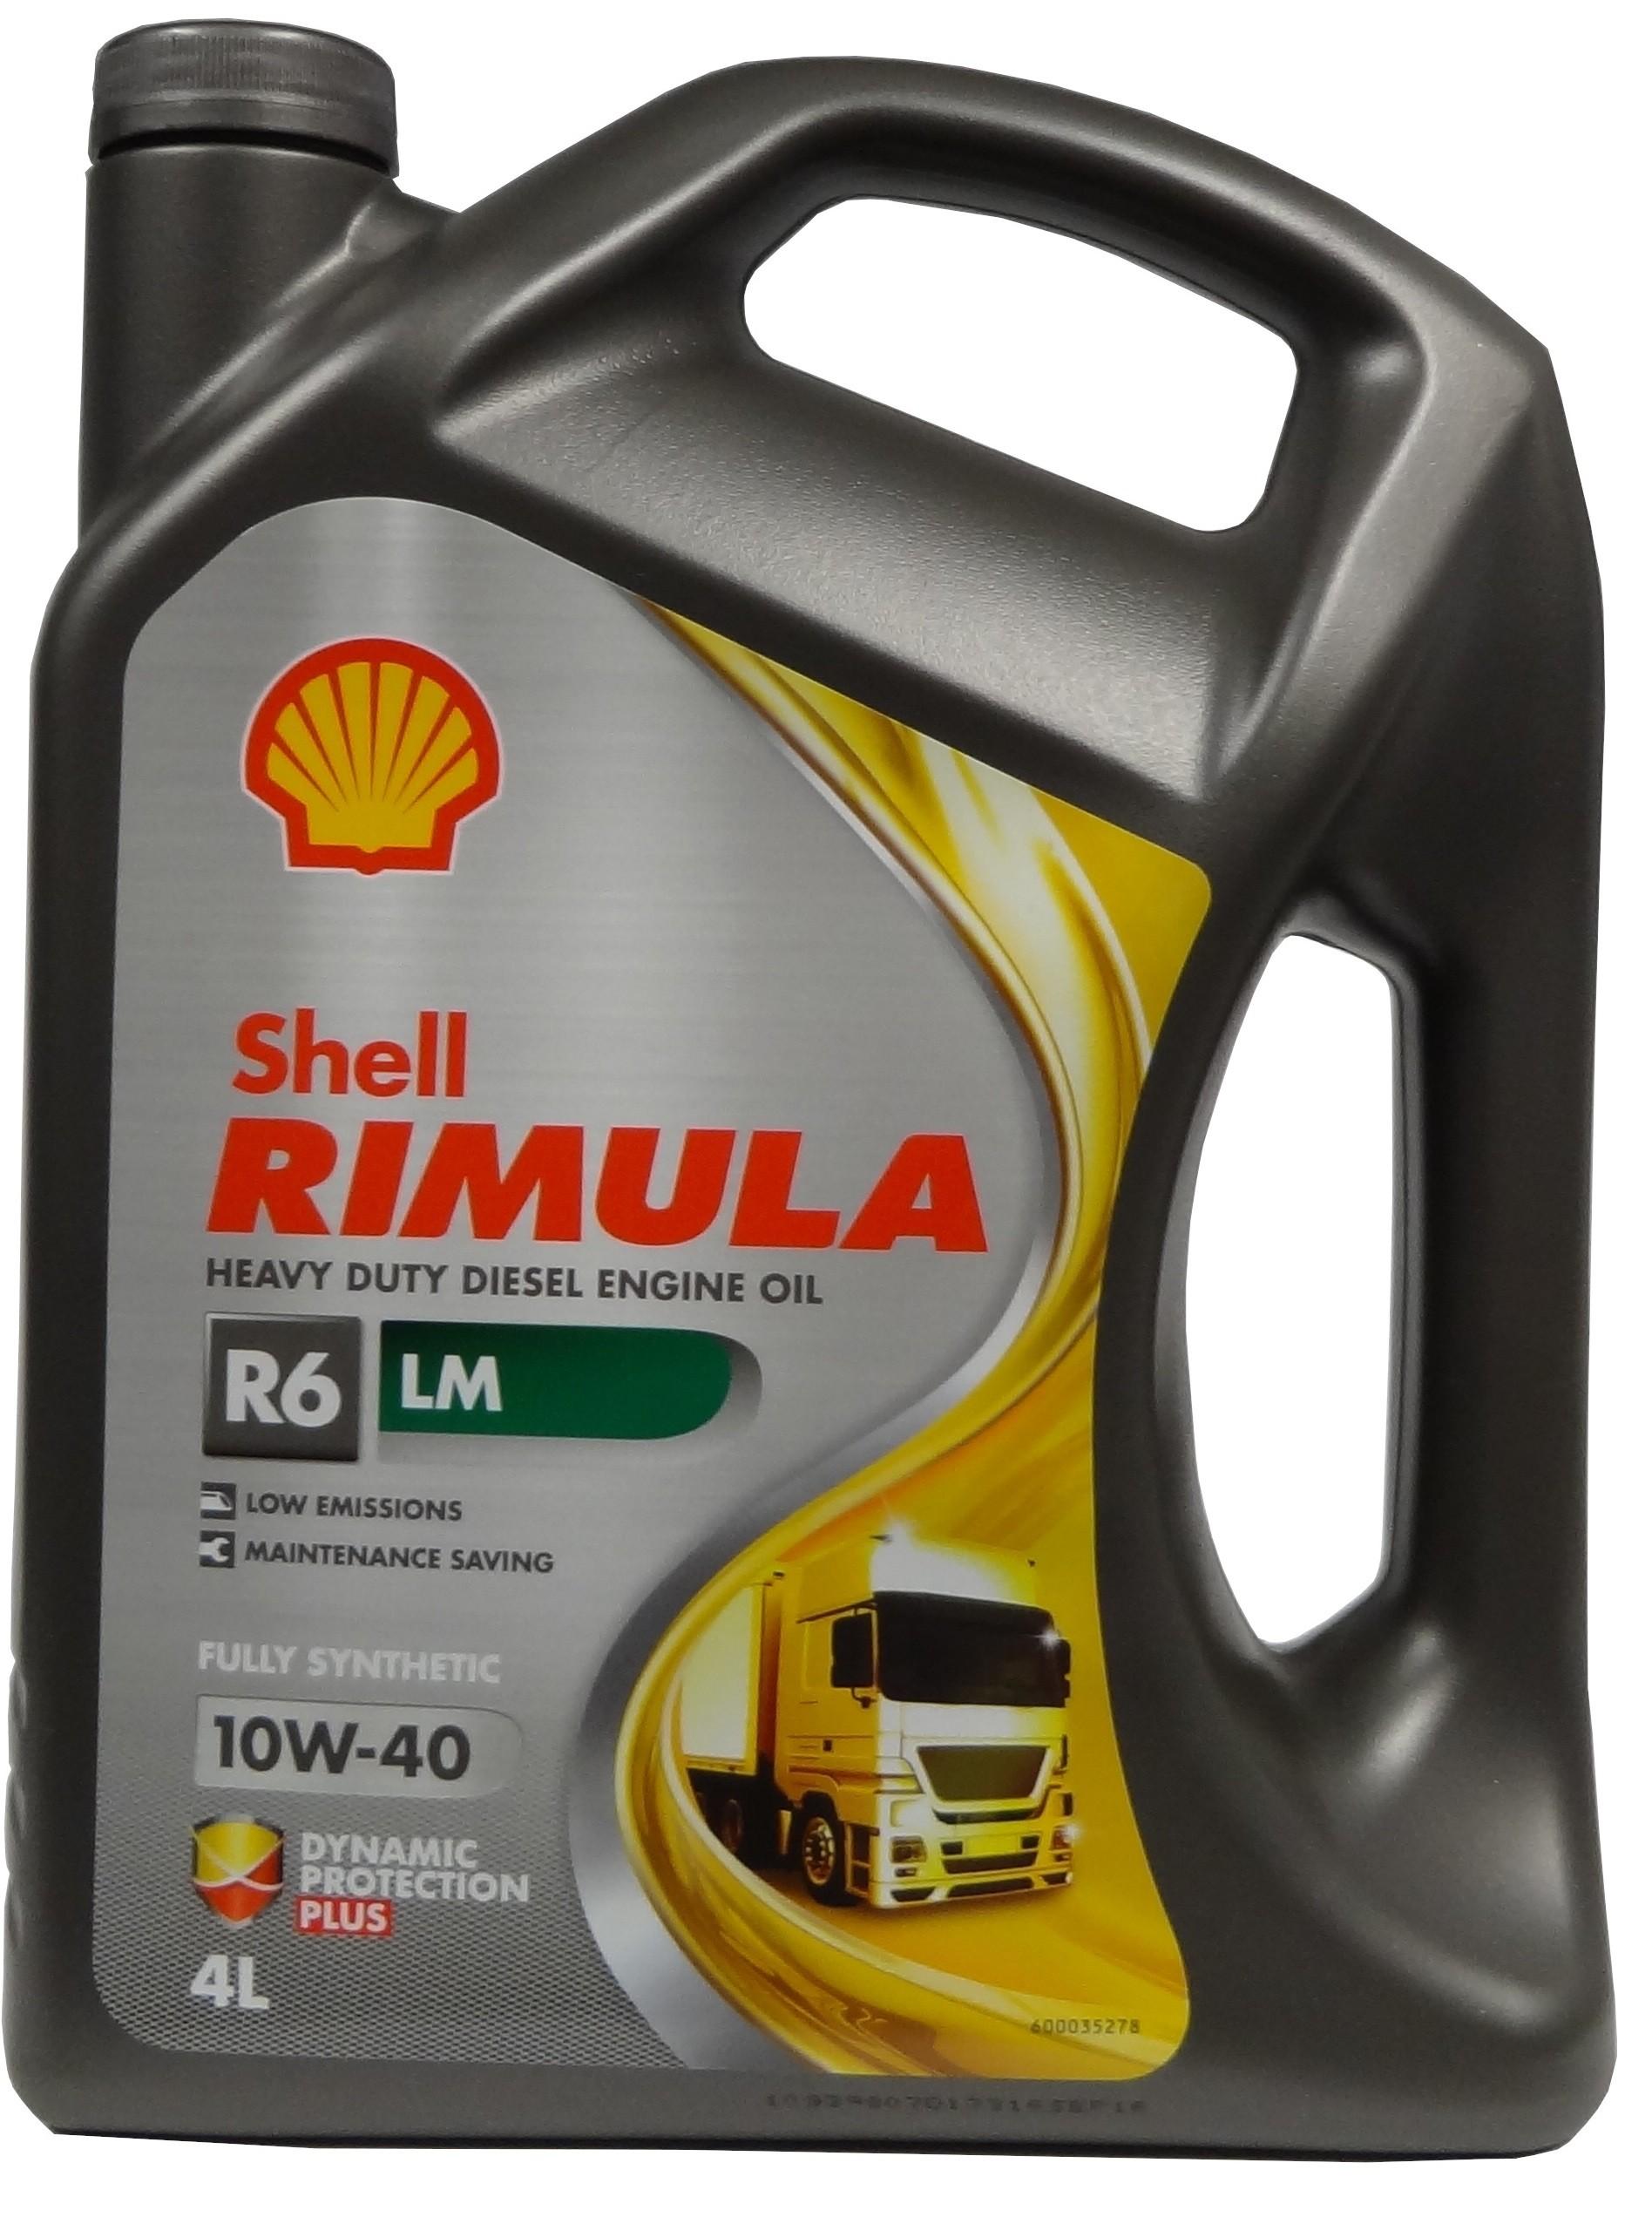 SHELL RIMULA R6 LM 10W-40 4L